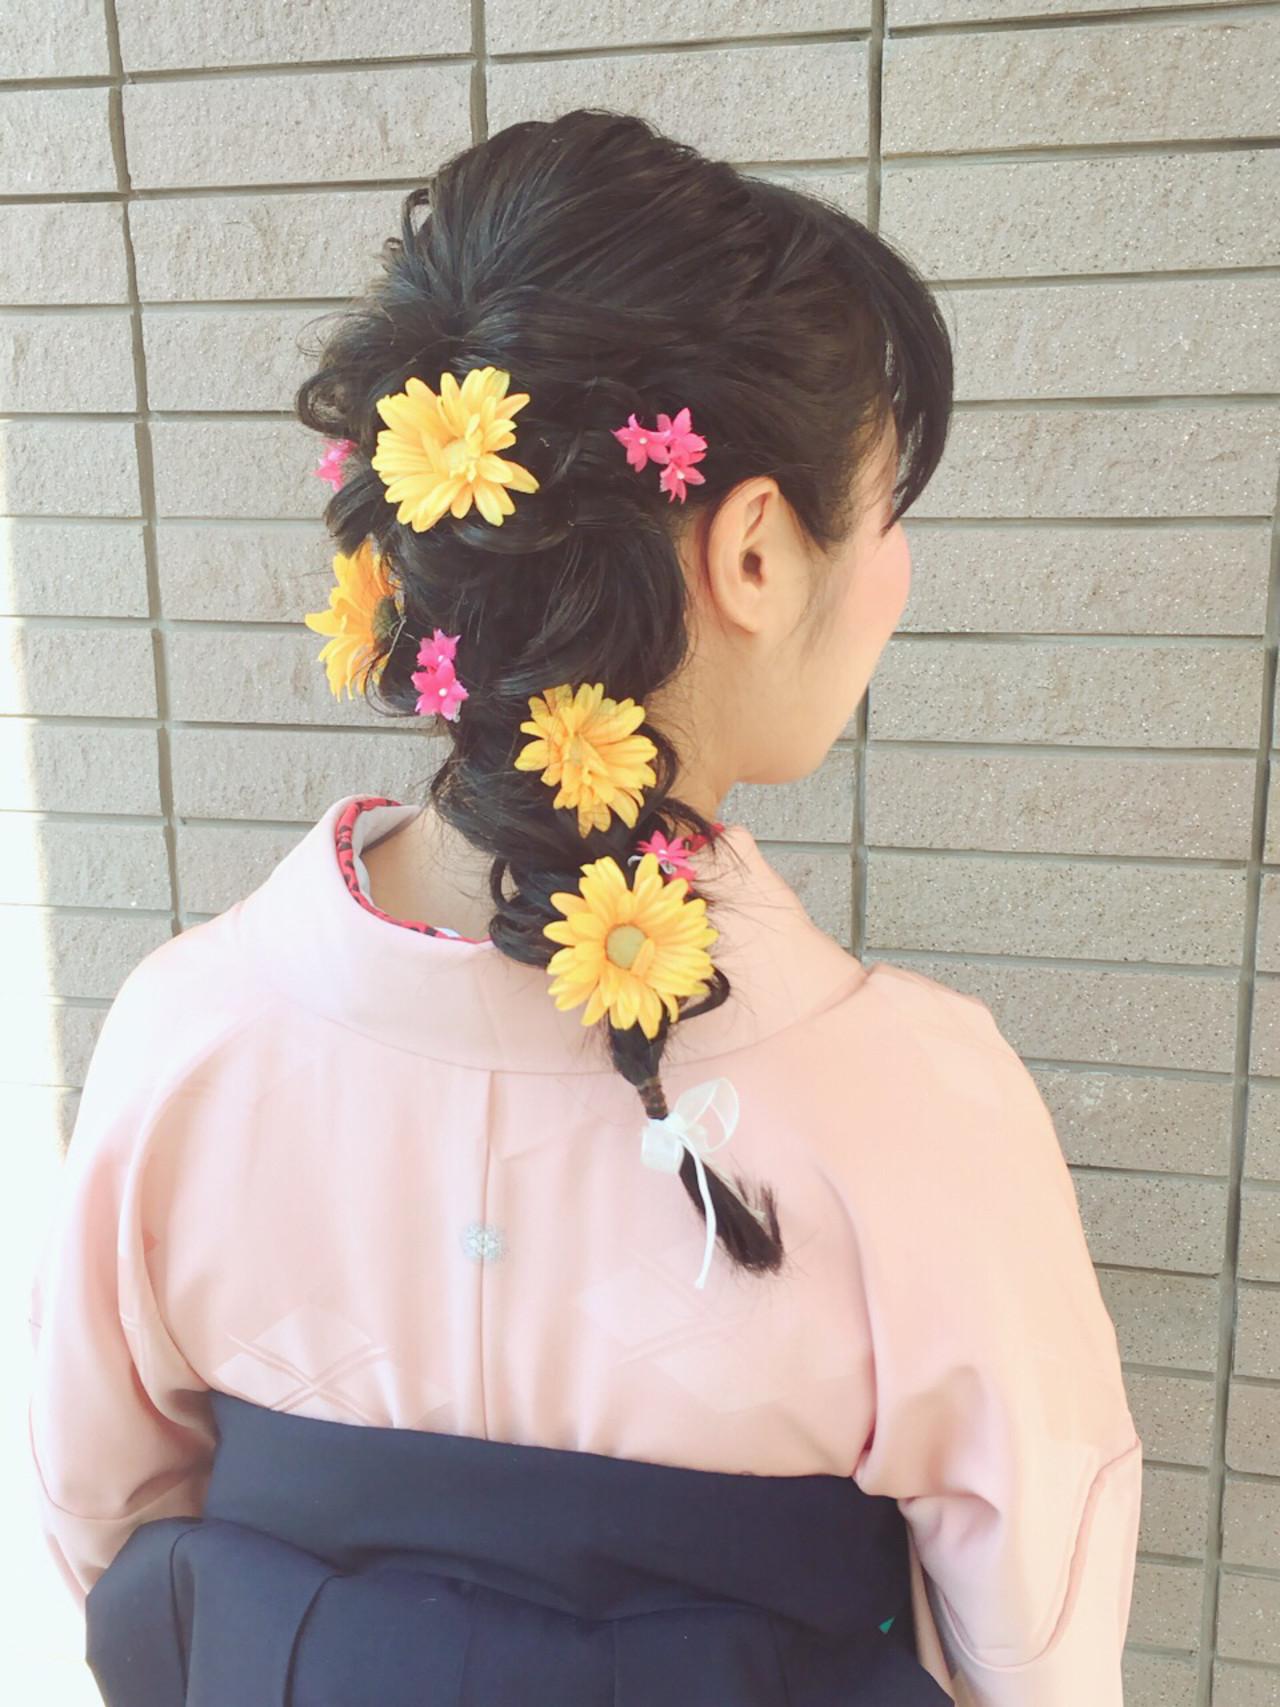 一生に一度の晴れ舞台にはとびきり可愛い私で。卒業式や入学式におすすめヘアアレンジ集 mayo